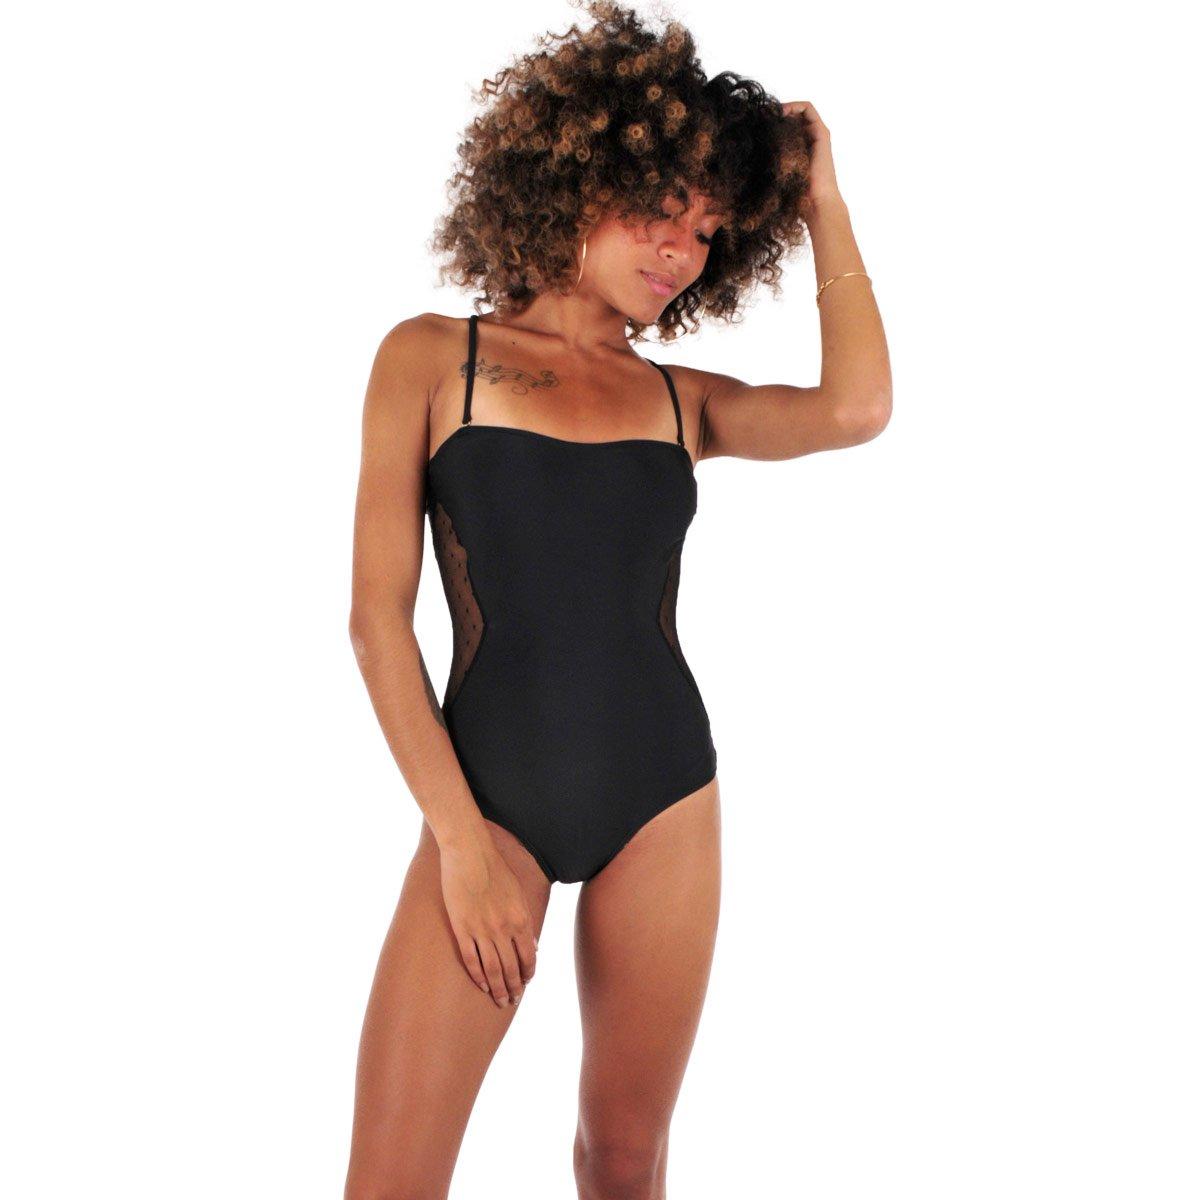 1af64ae04b Maillot de Bain Une pièce Bustier Noir Foulard MACHA - XS: Amazon.fr:  Vêtements et accessoires